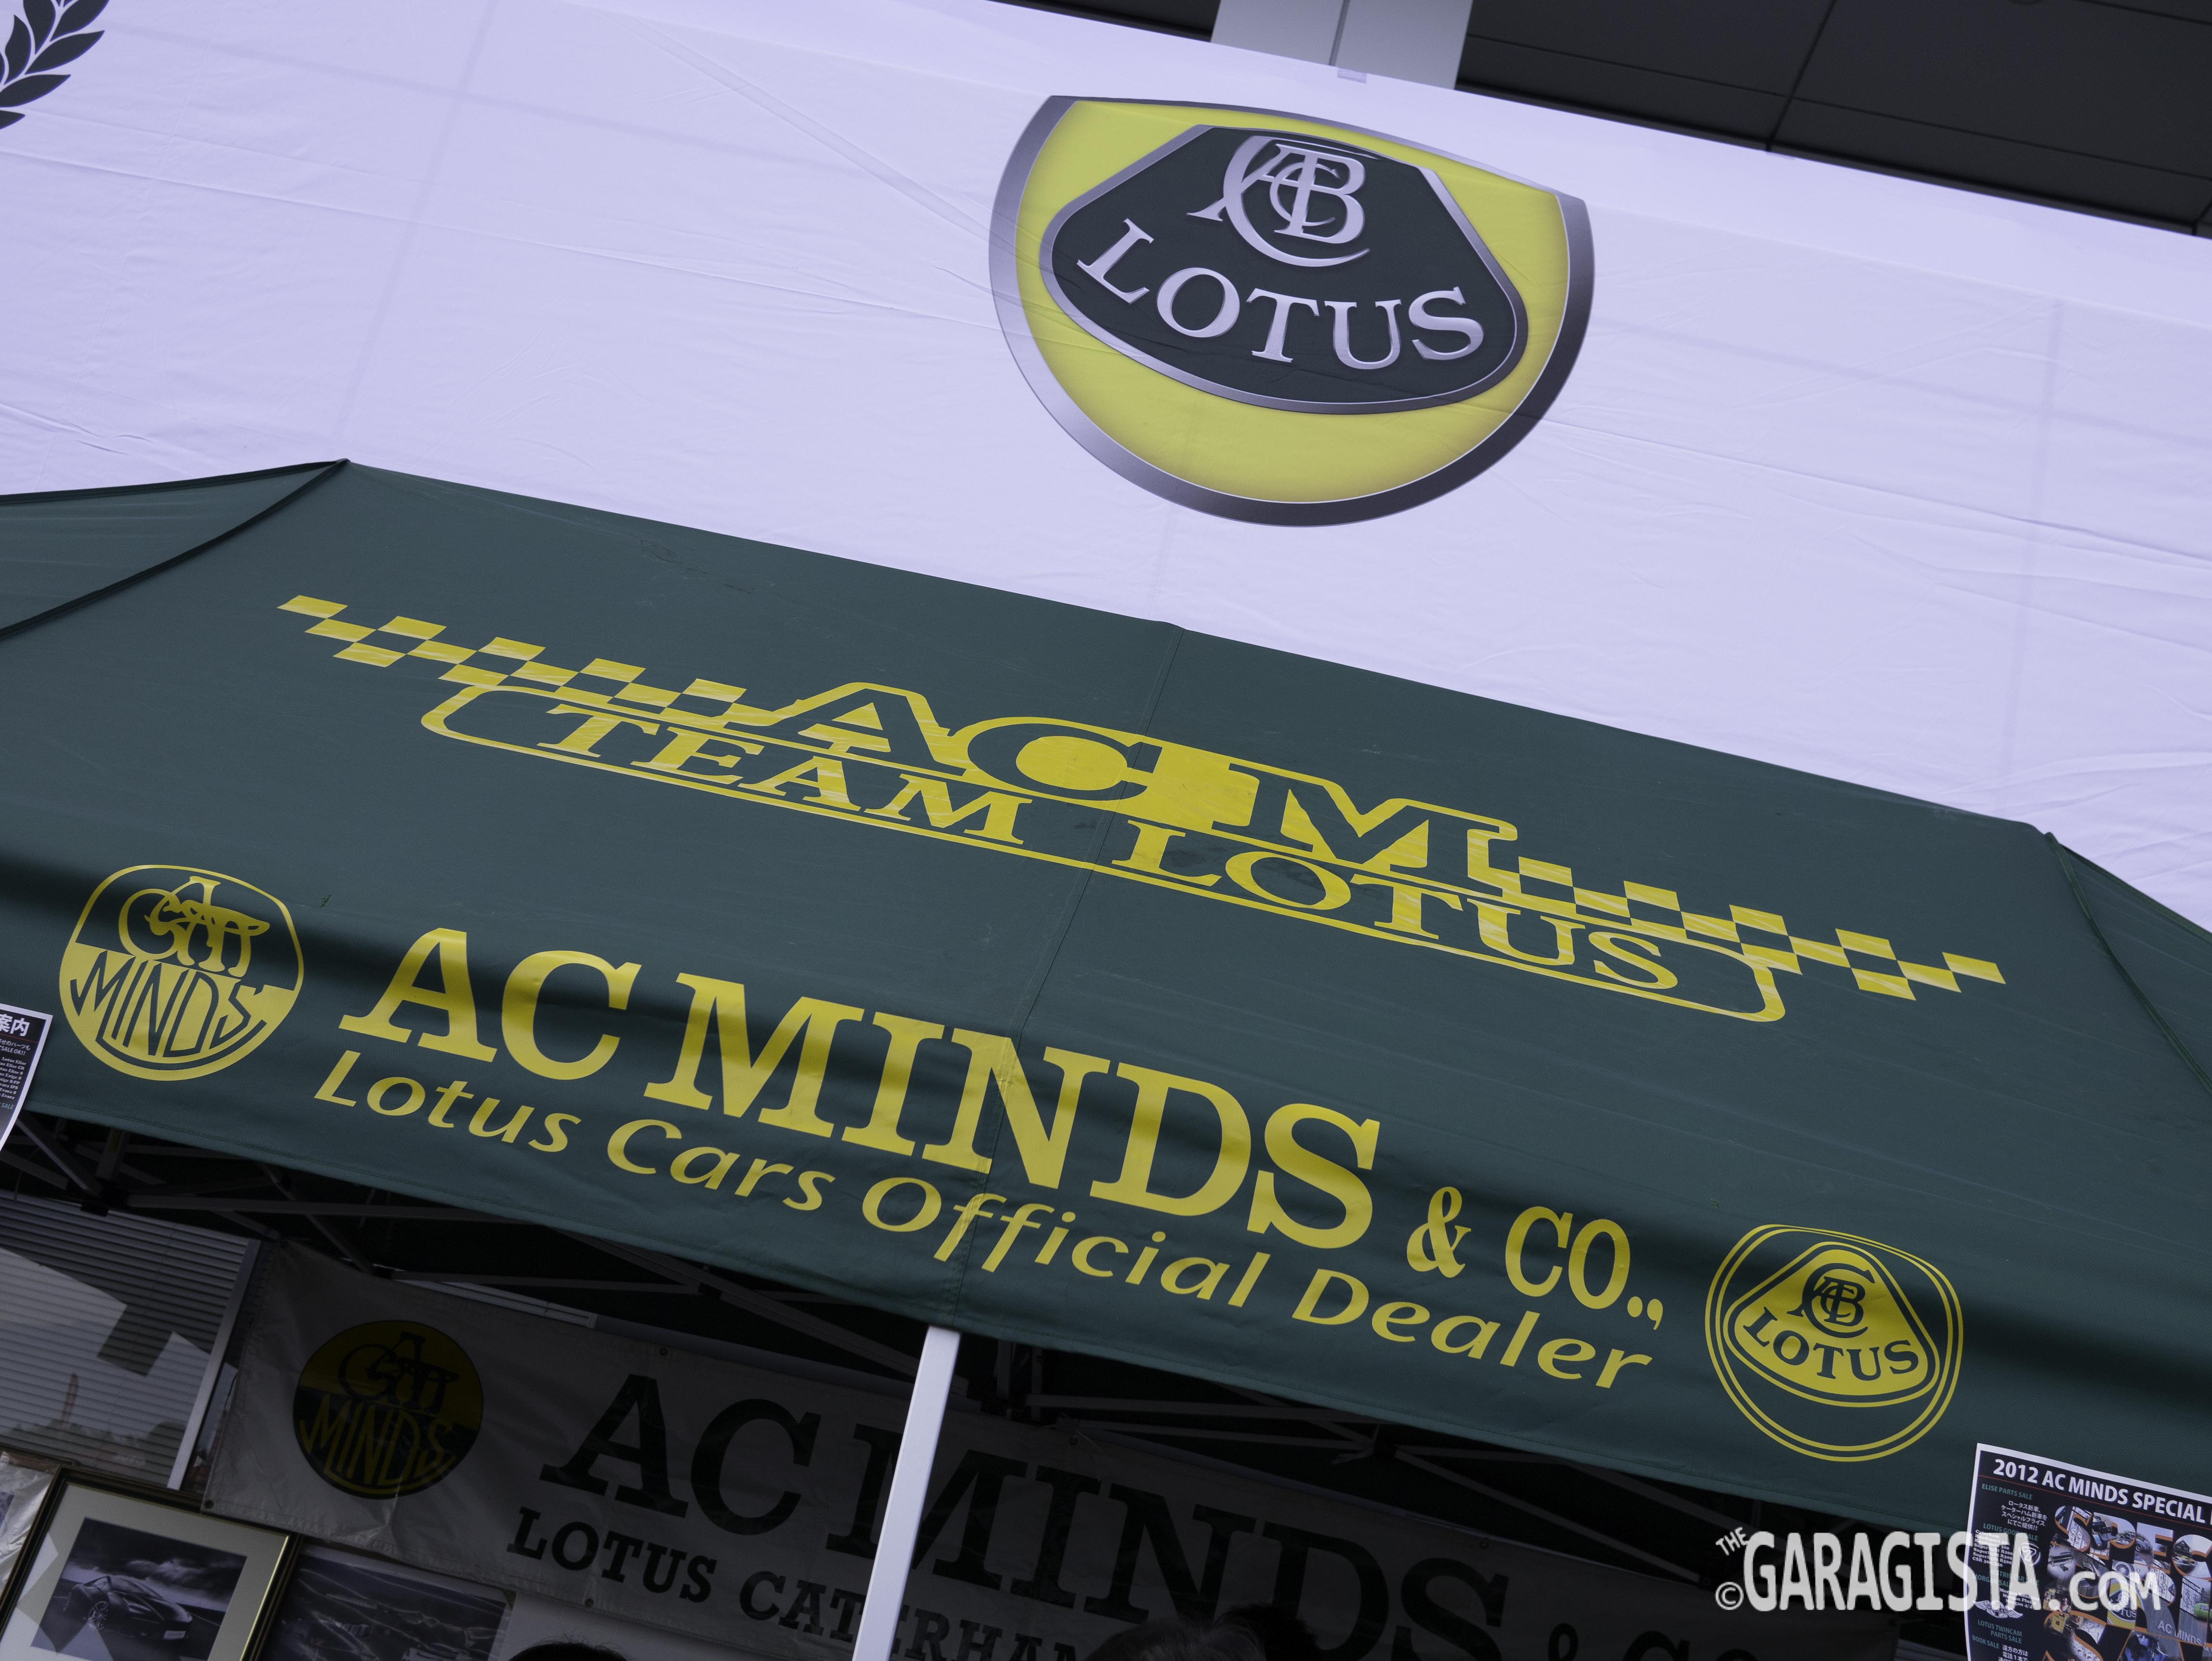 Japan Lotus Day 2012 ジャパン・ロータスデー2012: Part 1 |